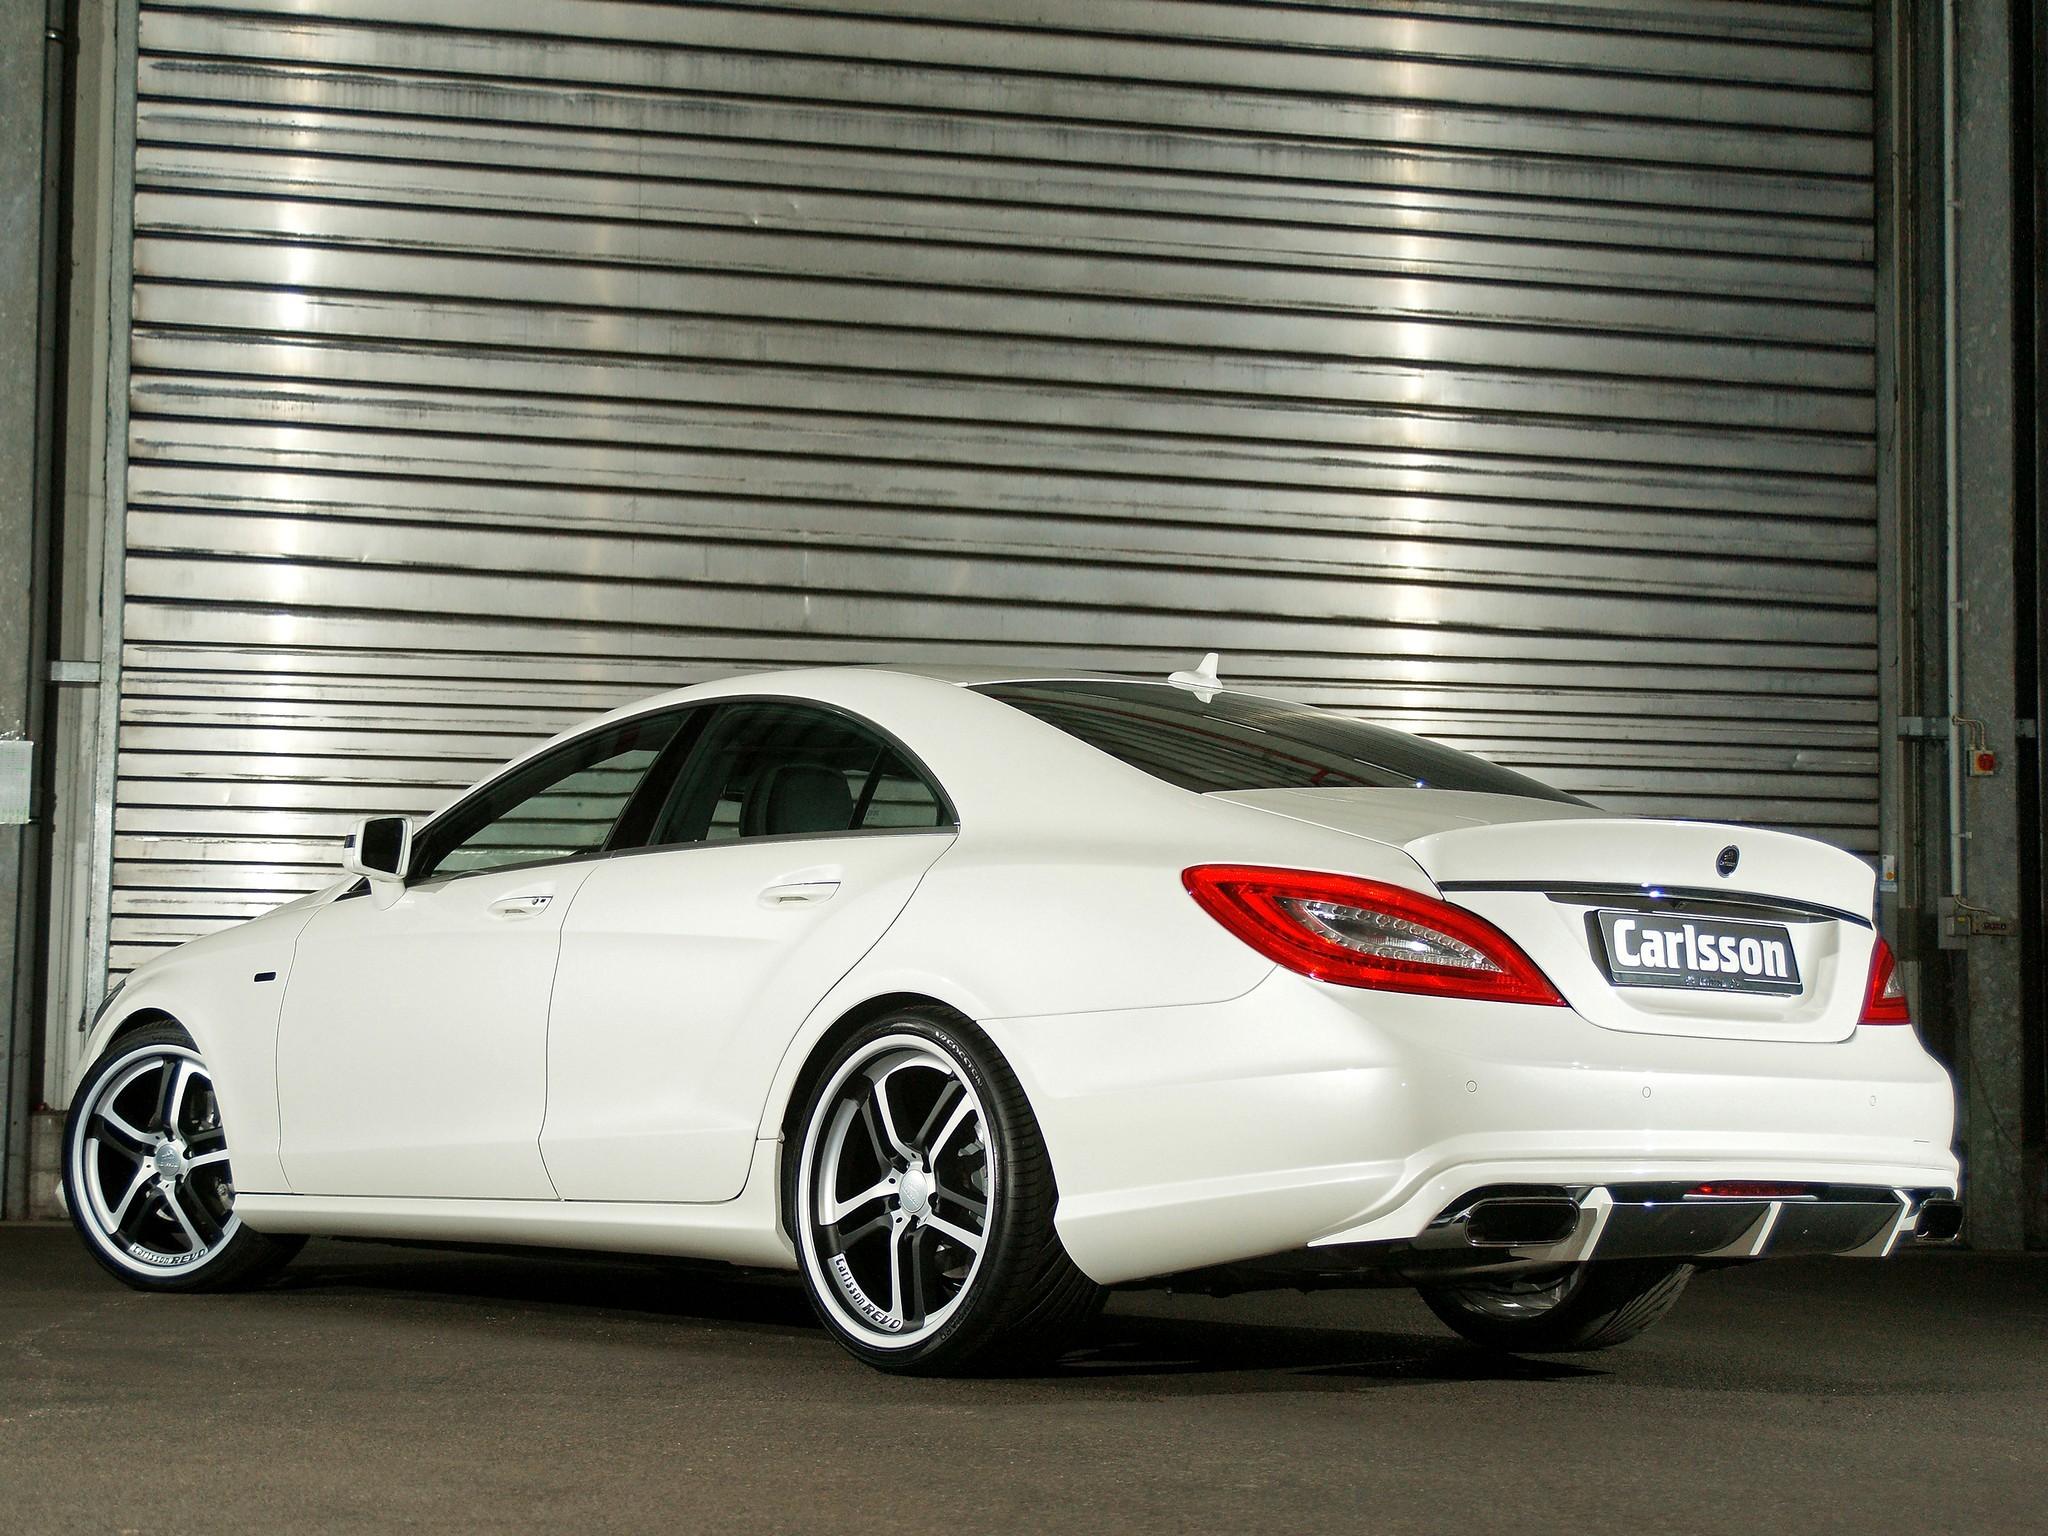 2011 Carlsson Mercedes CLS63 AMG